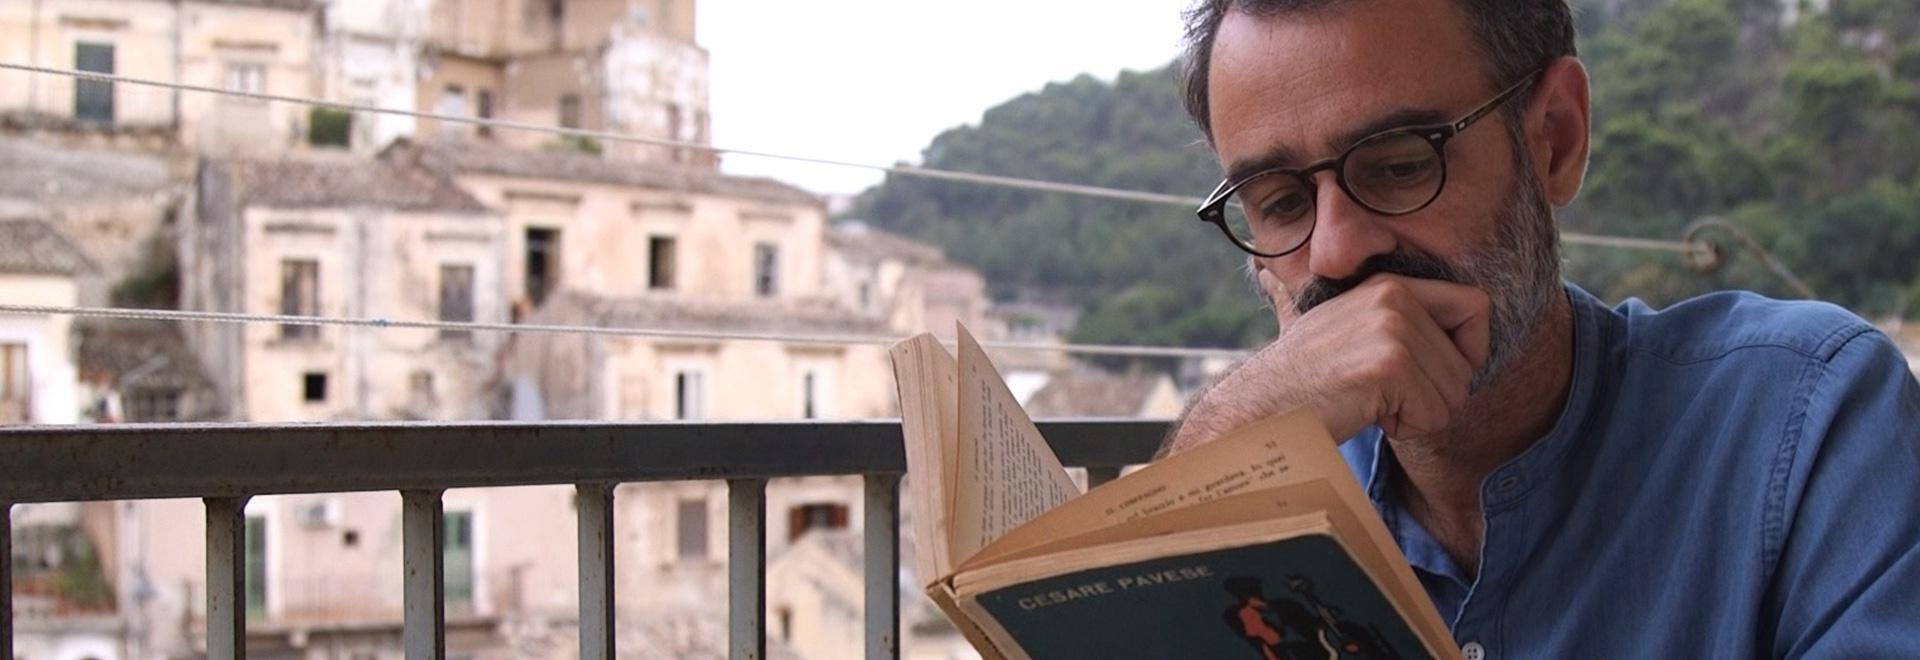 Andrea, il lettore in cammino